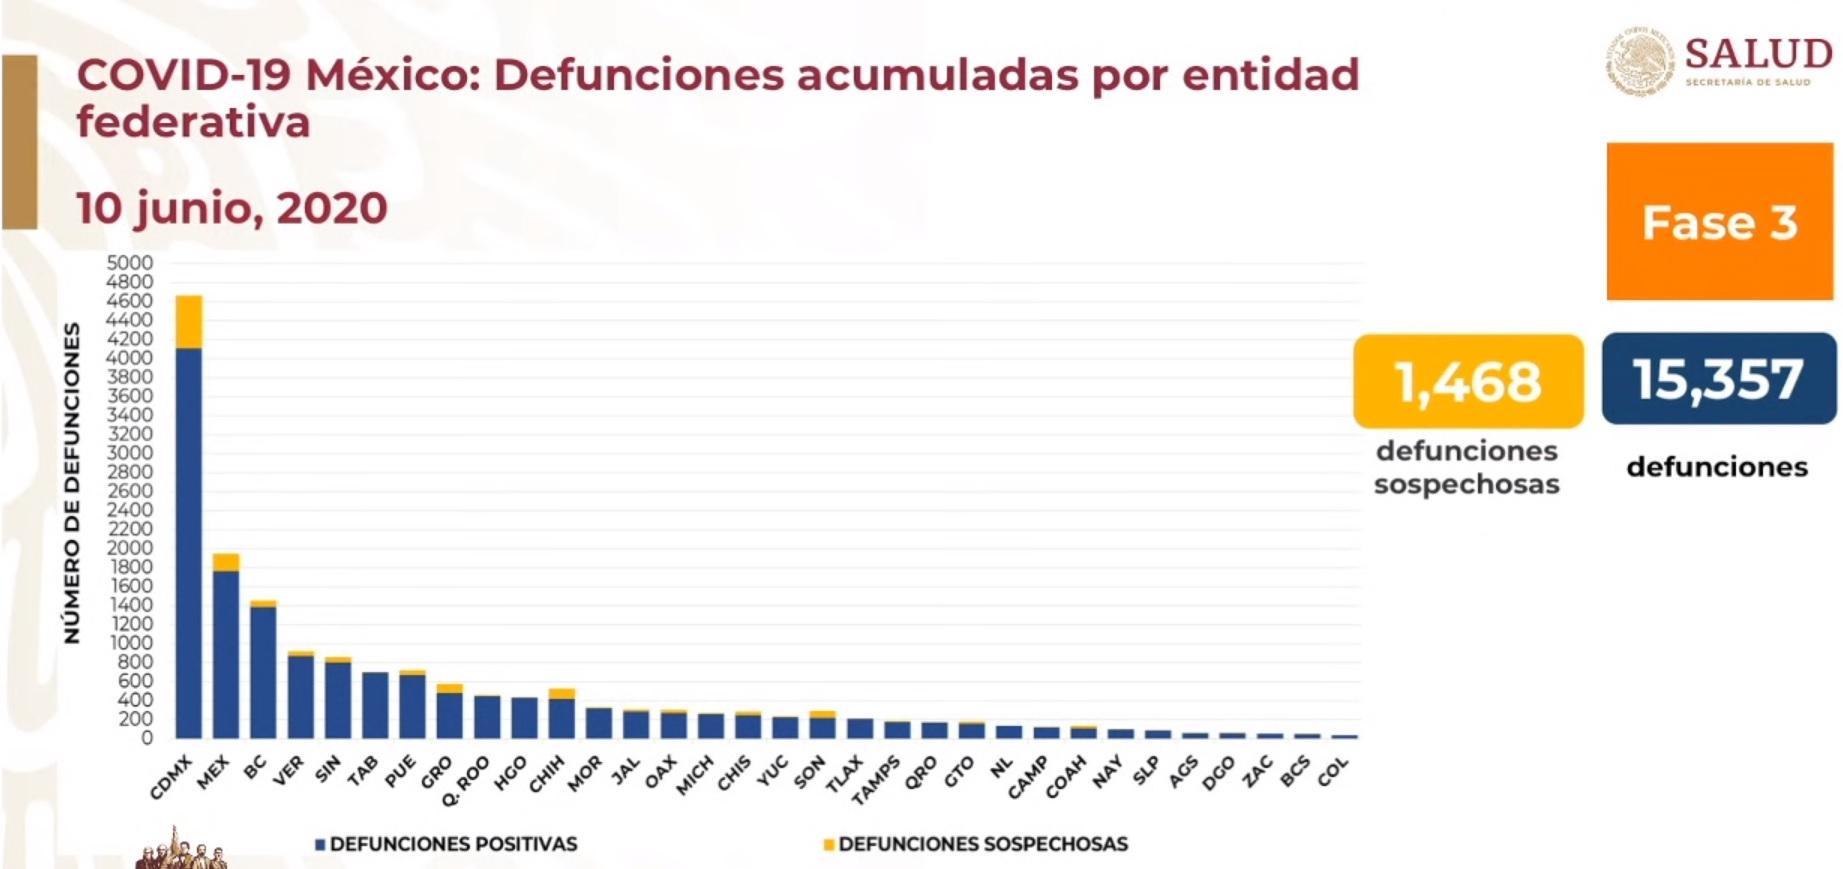 Defunciones por COVID19 por entidad